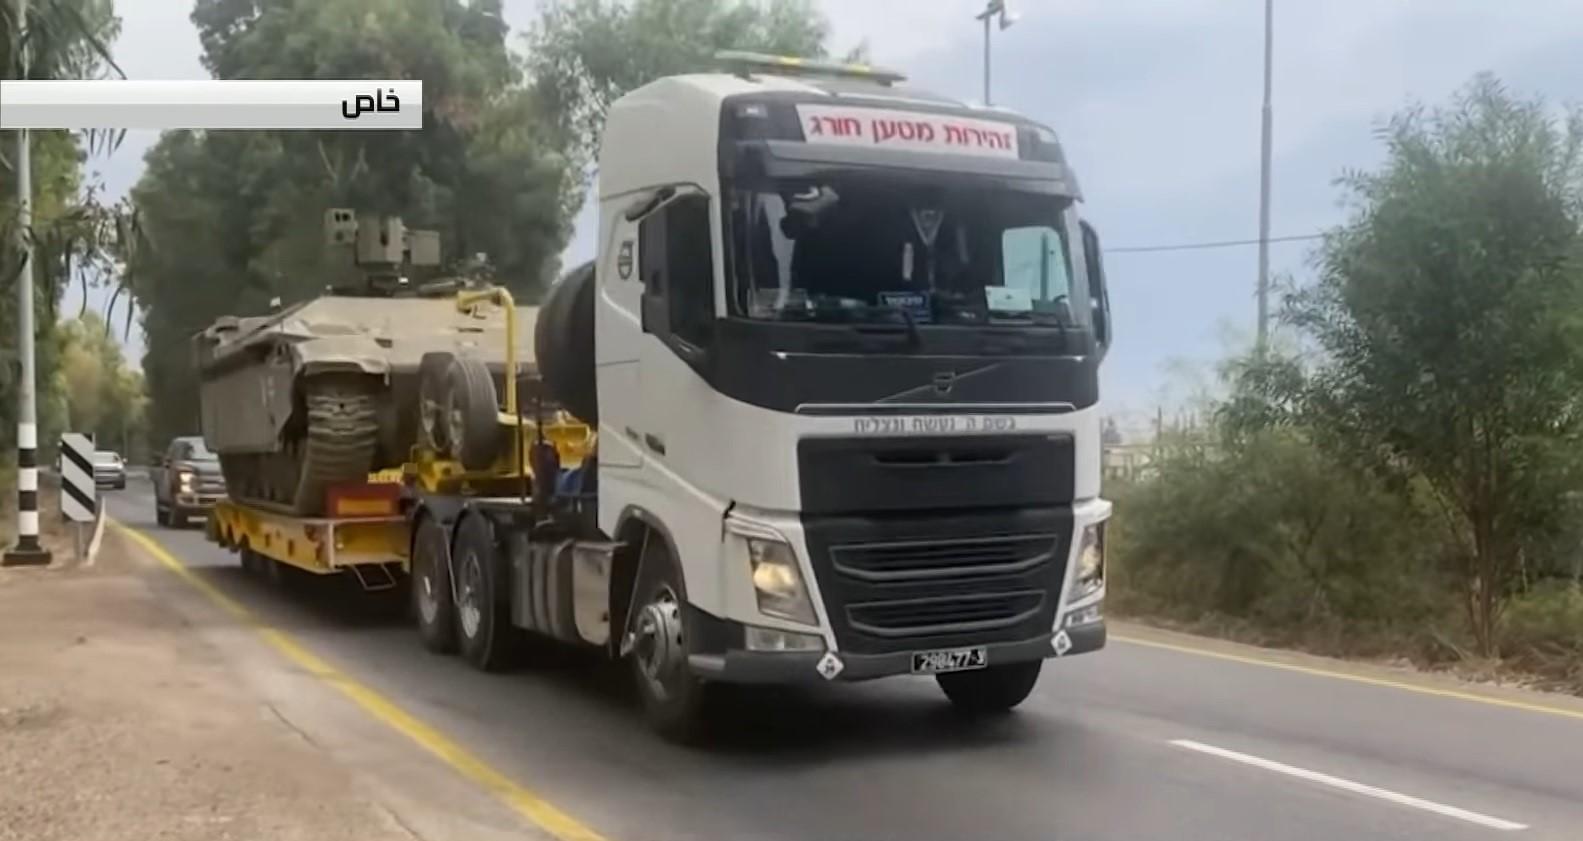 Израиль начал переброску бронетехники в район Голанских высот после того, как Сирия пообещала вернуть эти территории (видео)